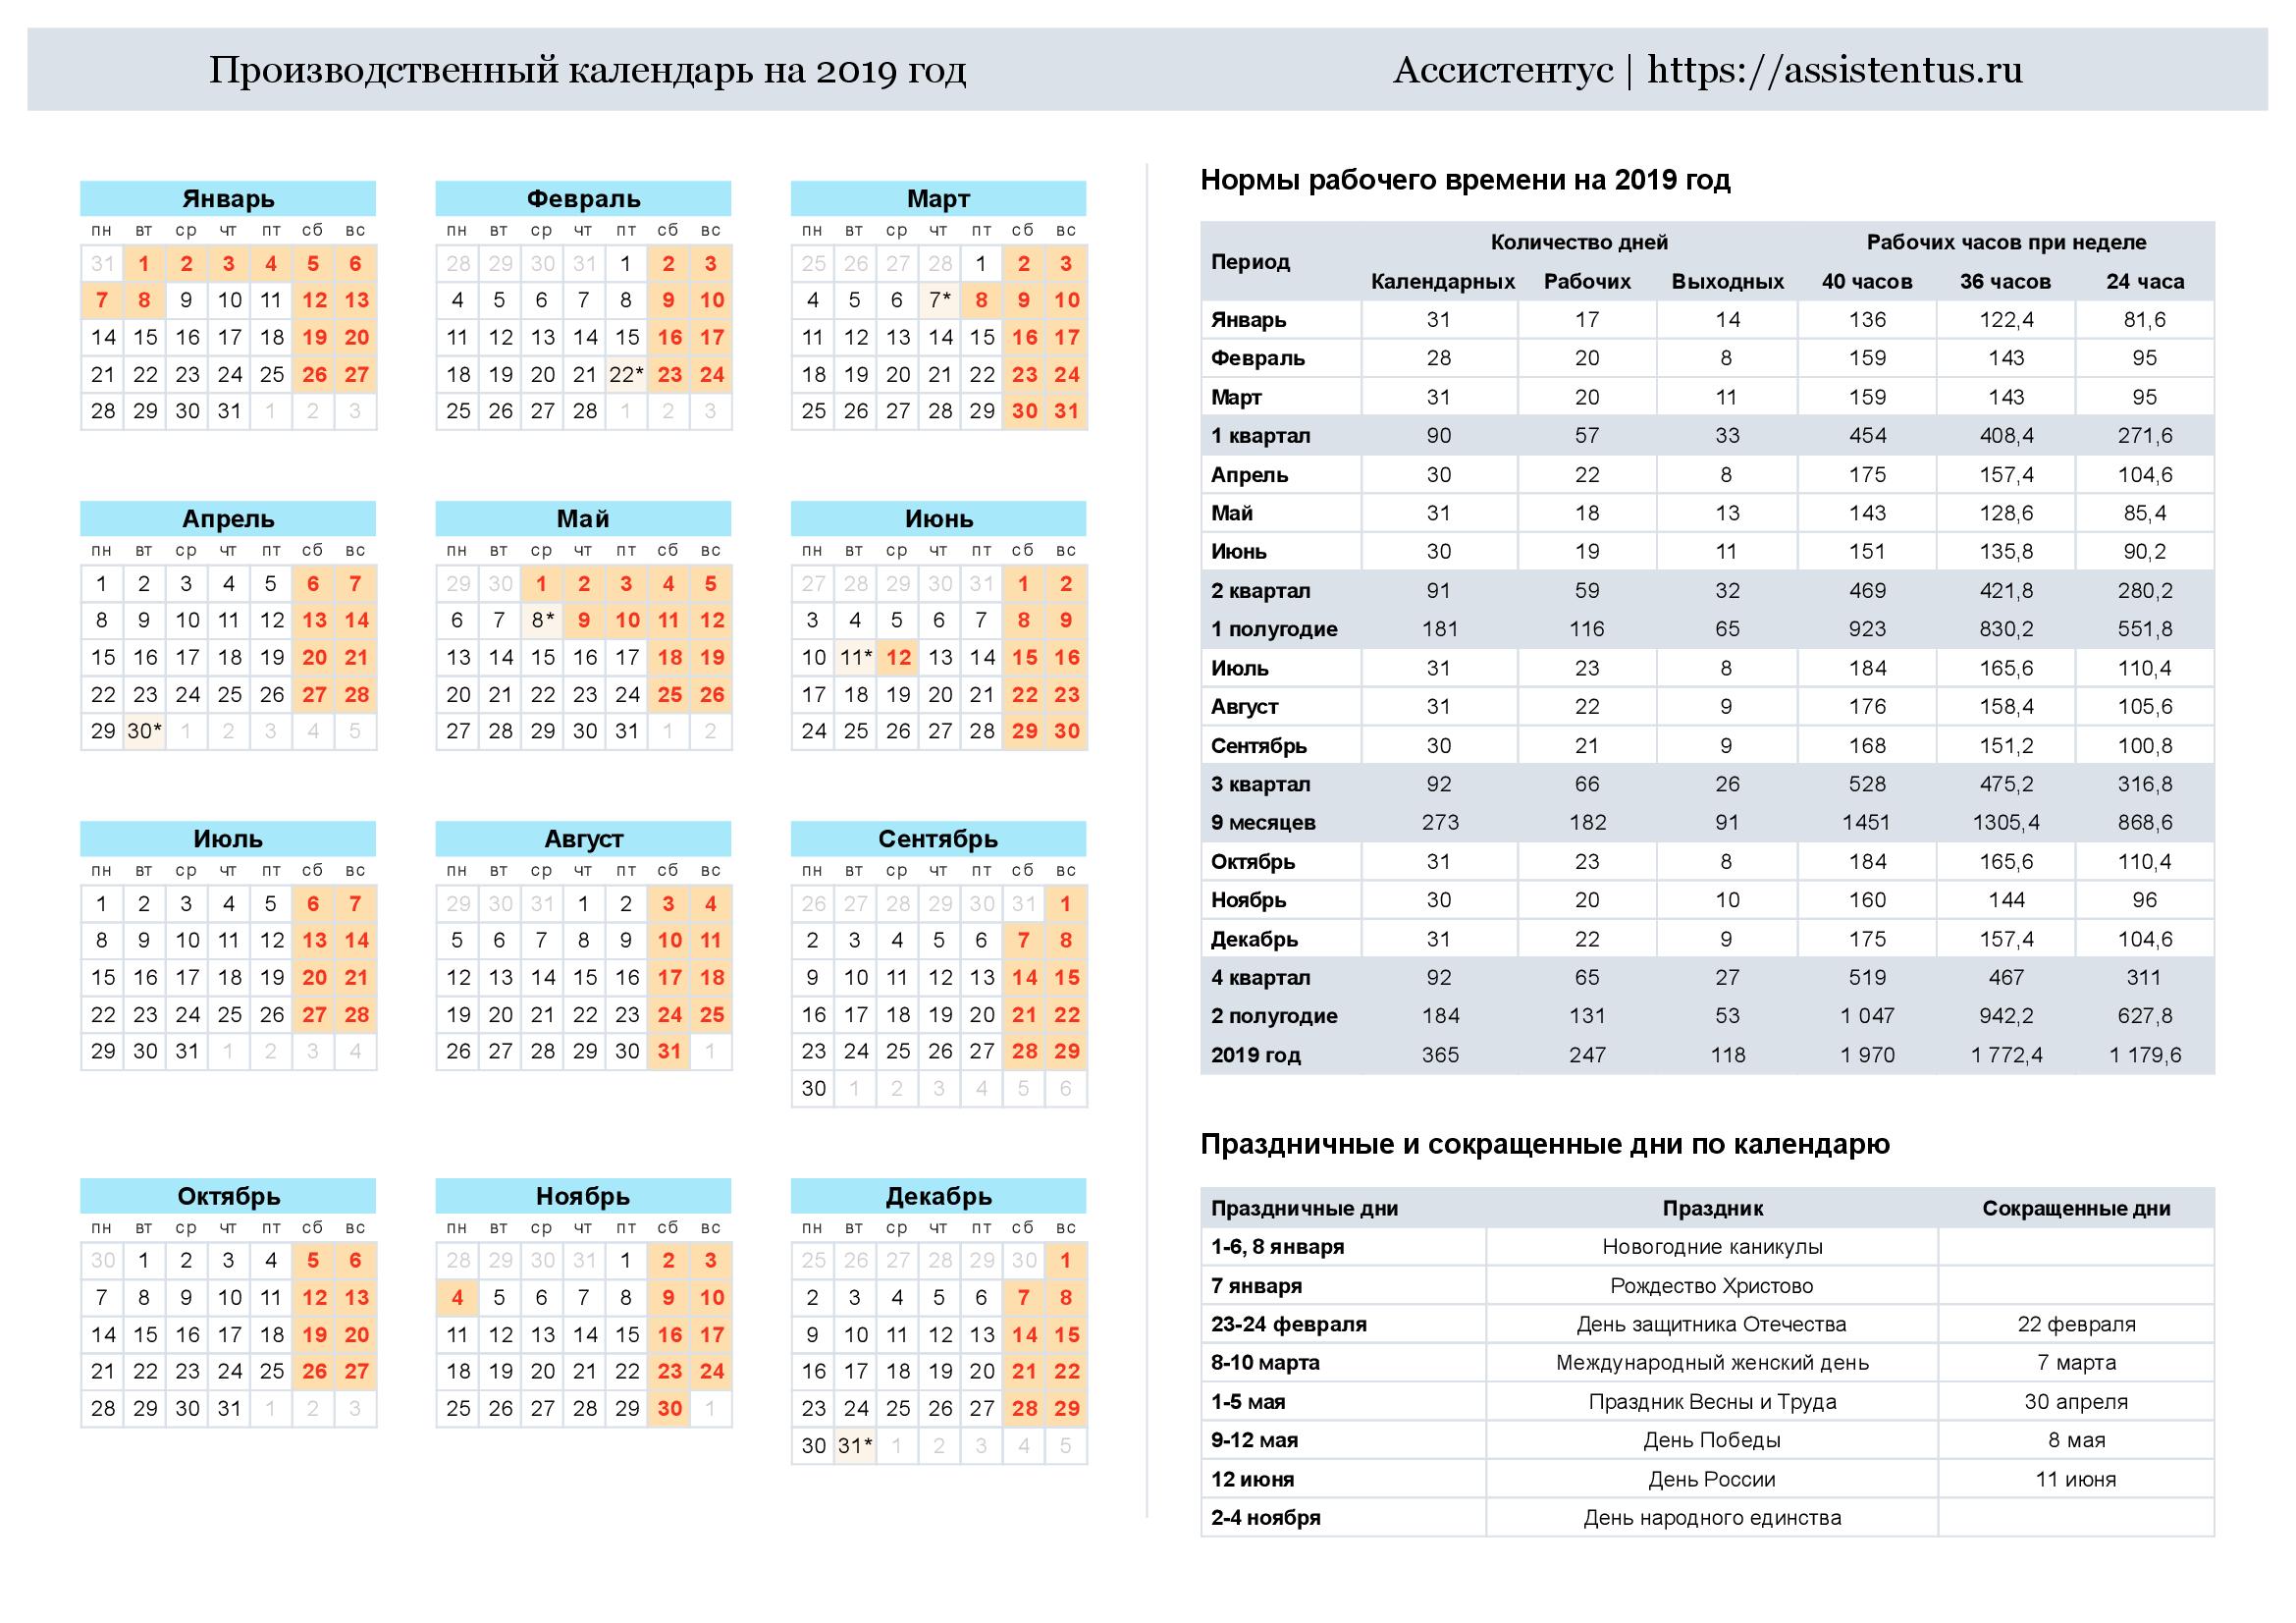 Производственный календарь на 2019 год с праздниками и выходными, утвержденный правительством